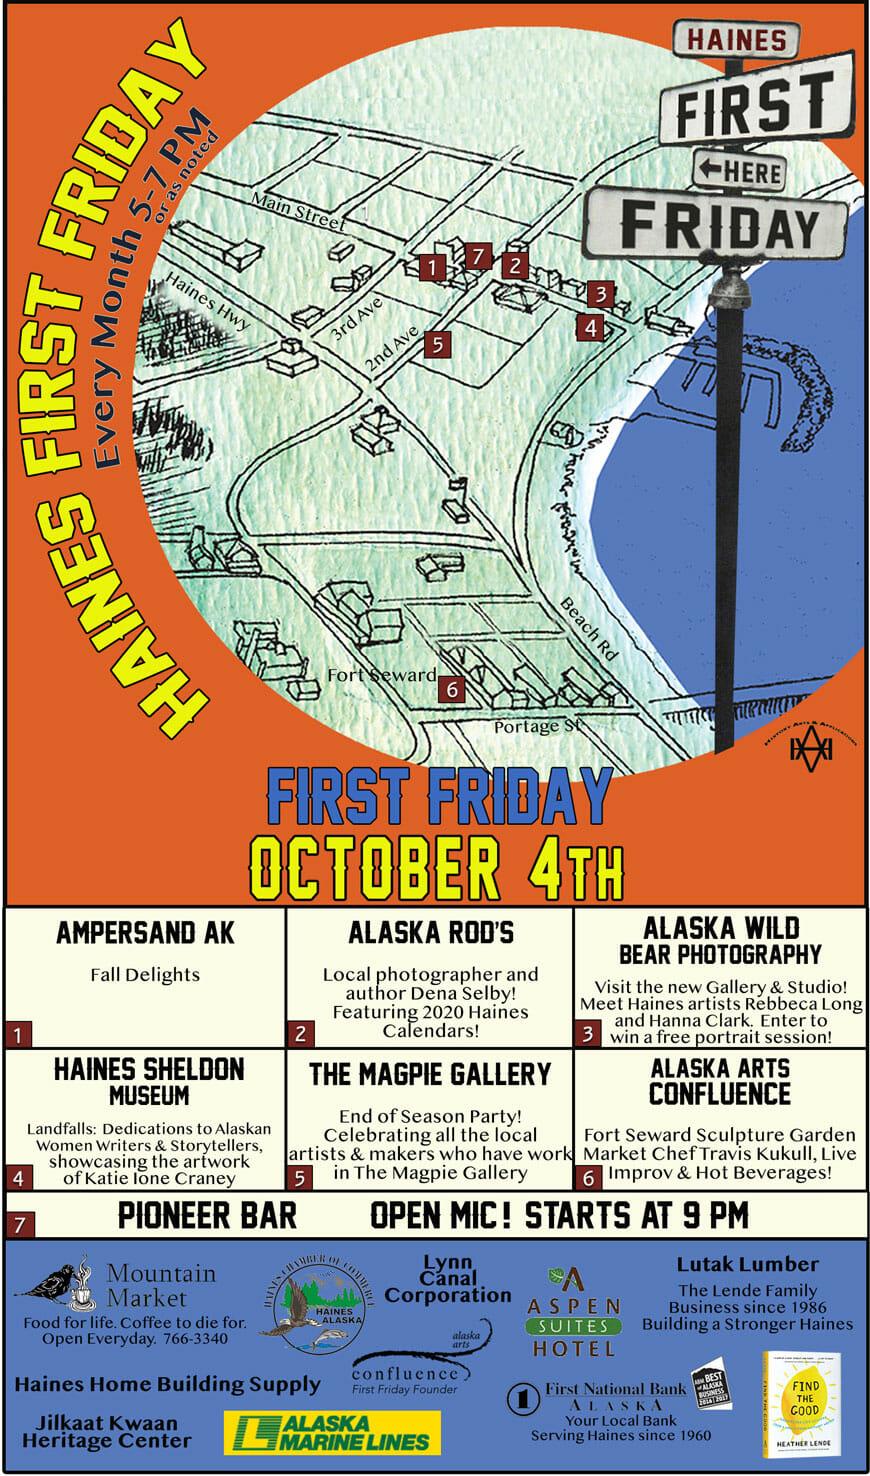 First Friday Haines Alaska October 4